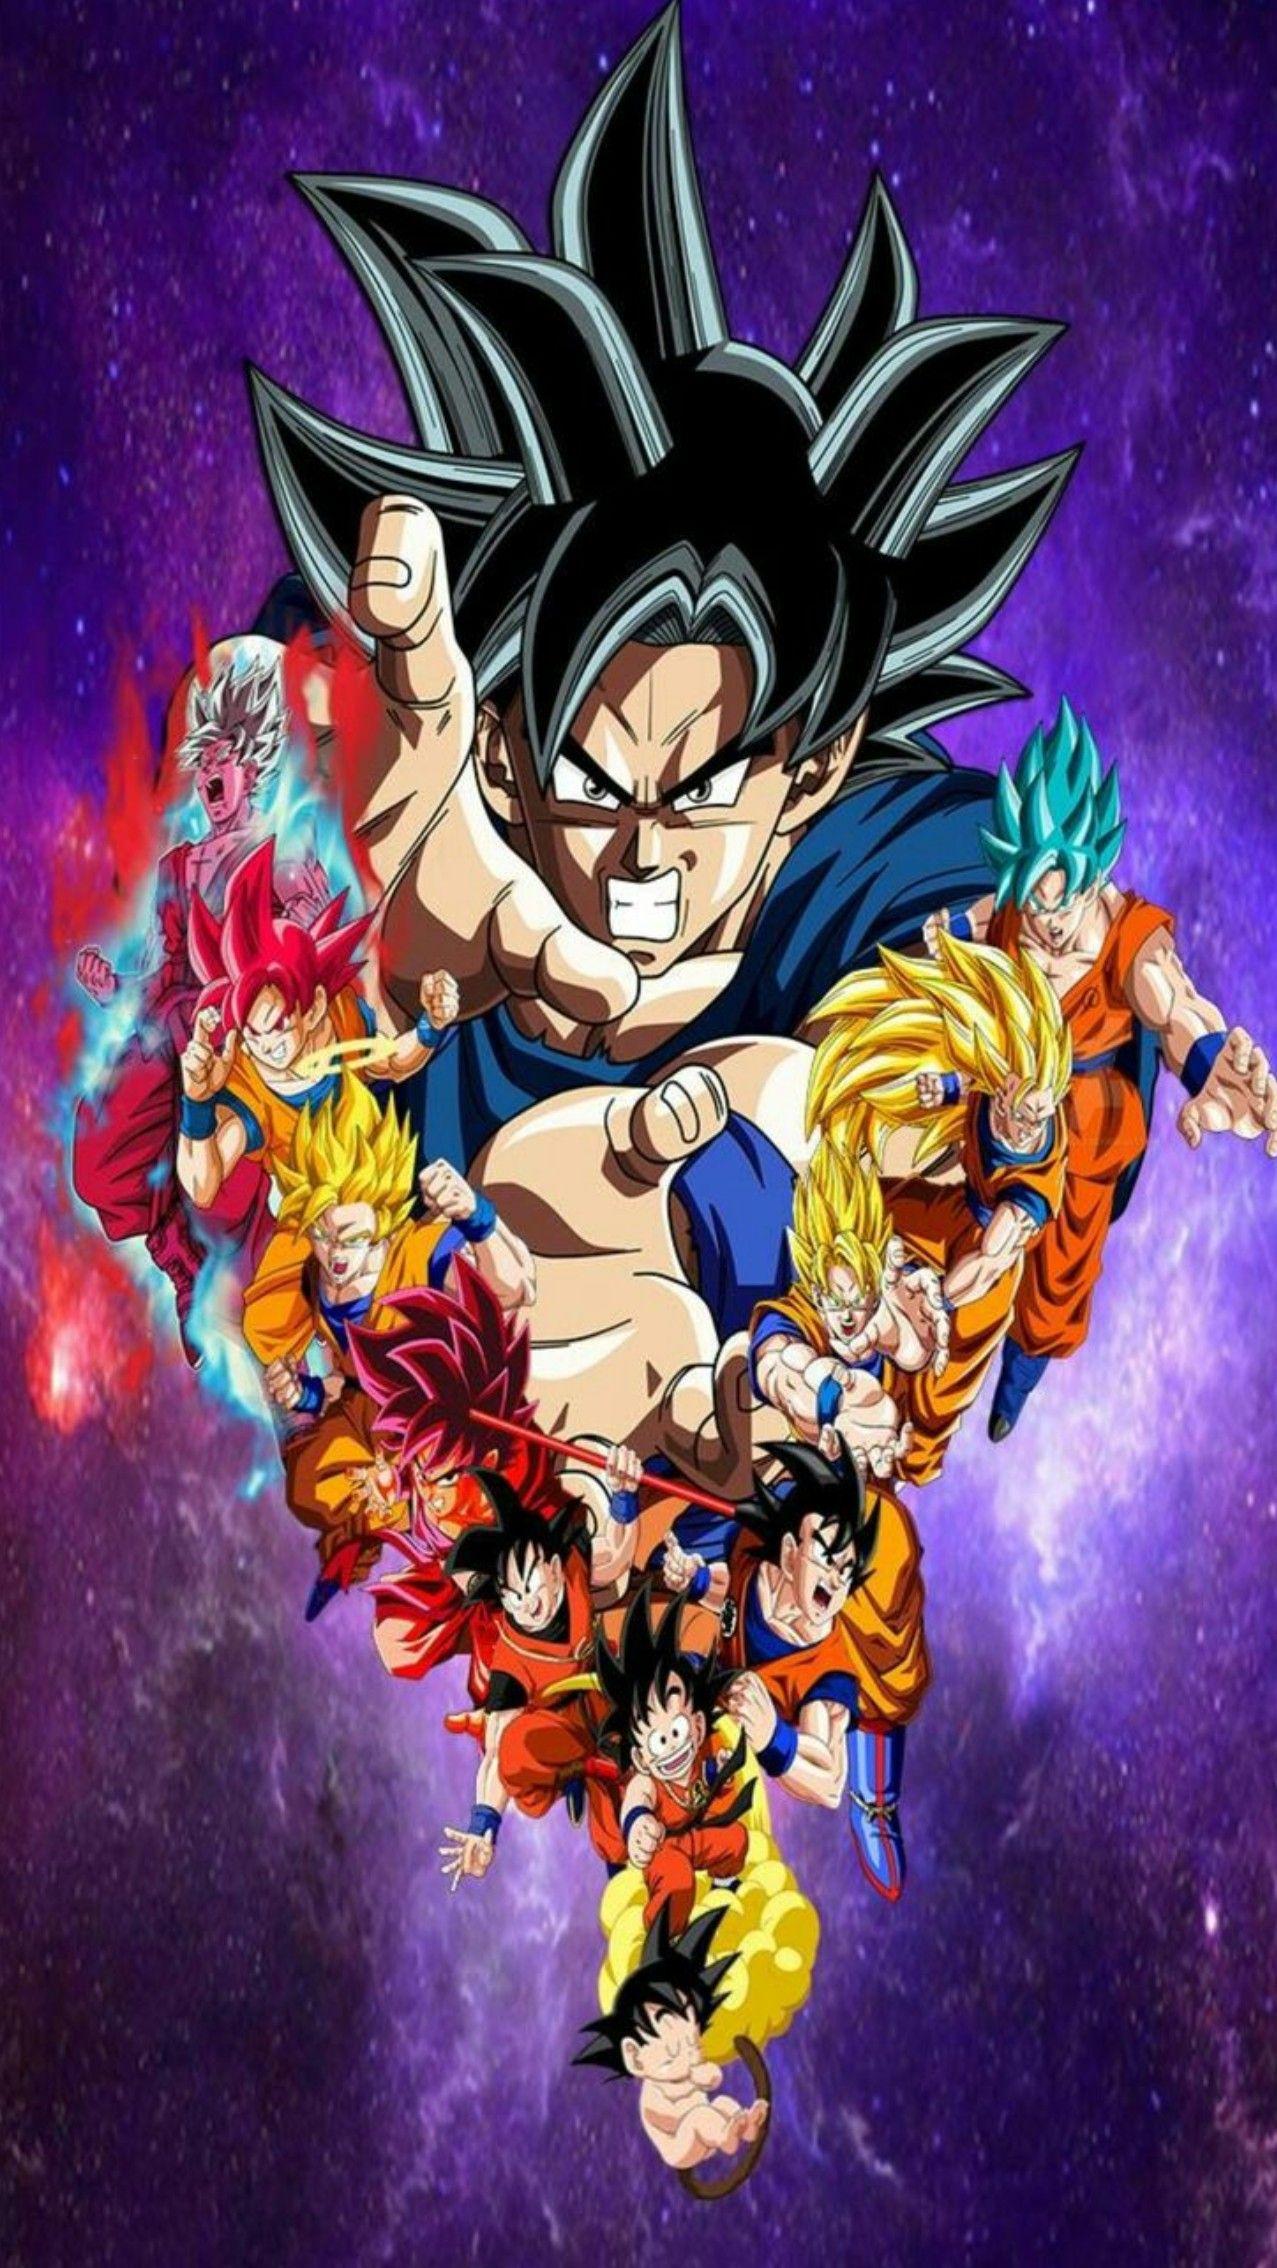 Goku All Forms Dragon Ball Super Anime Dragon Ball Super